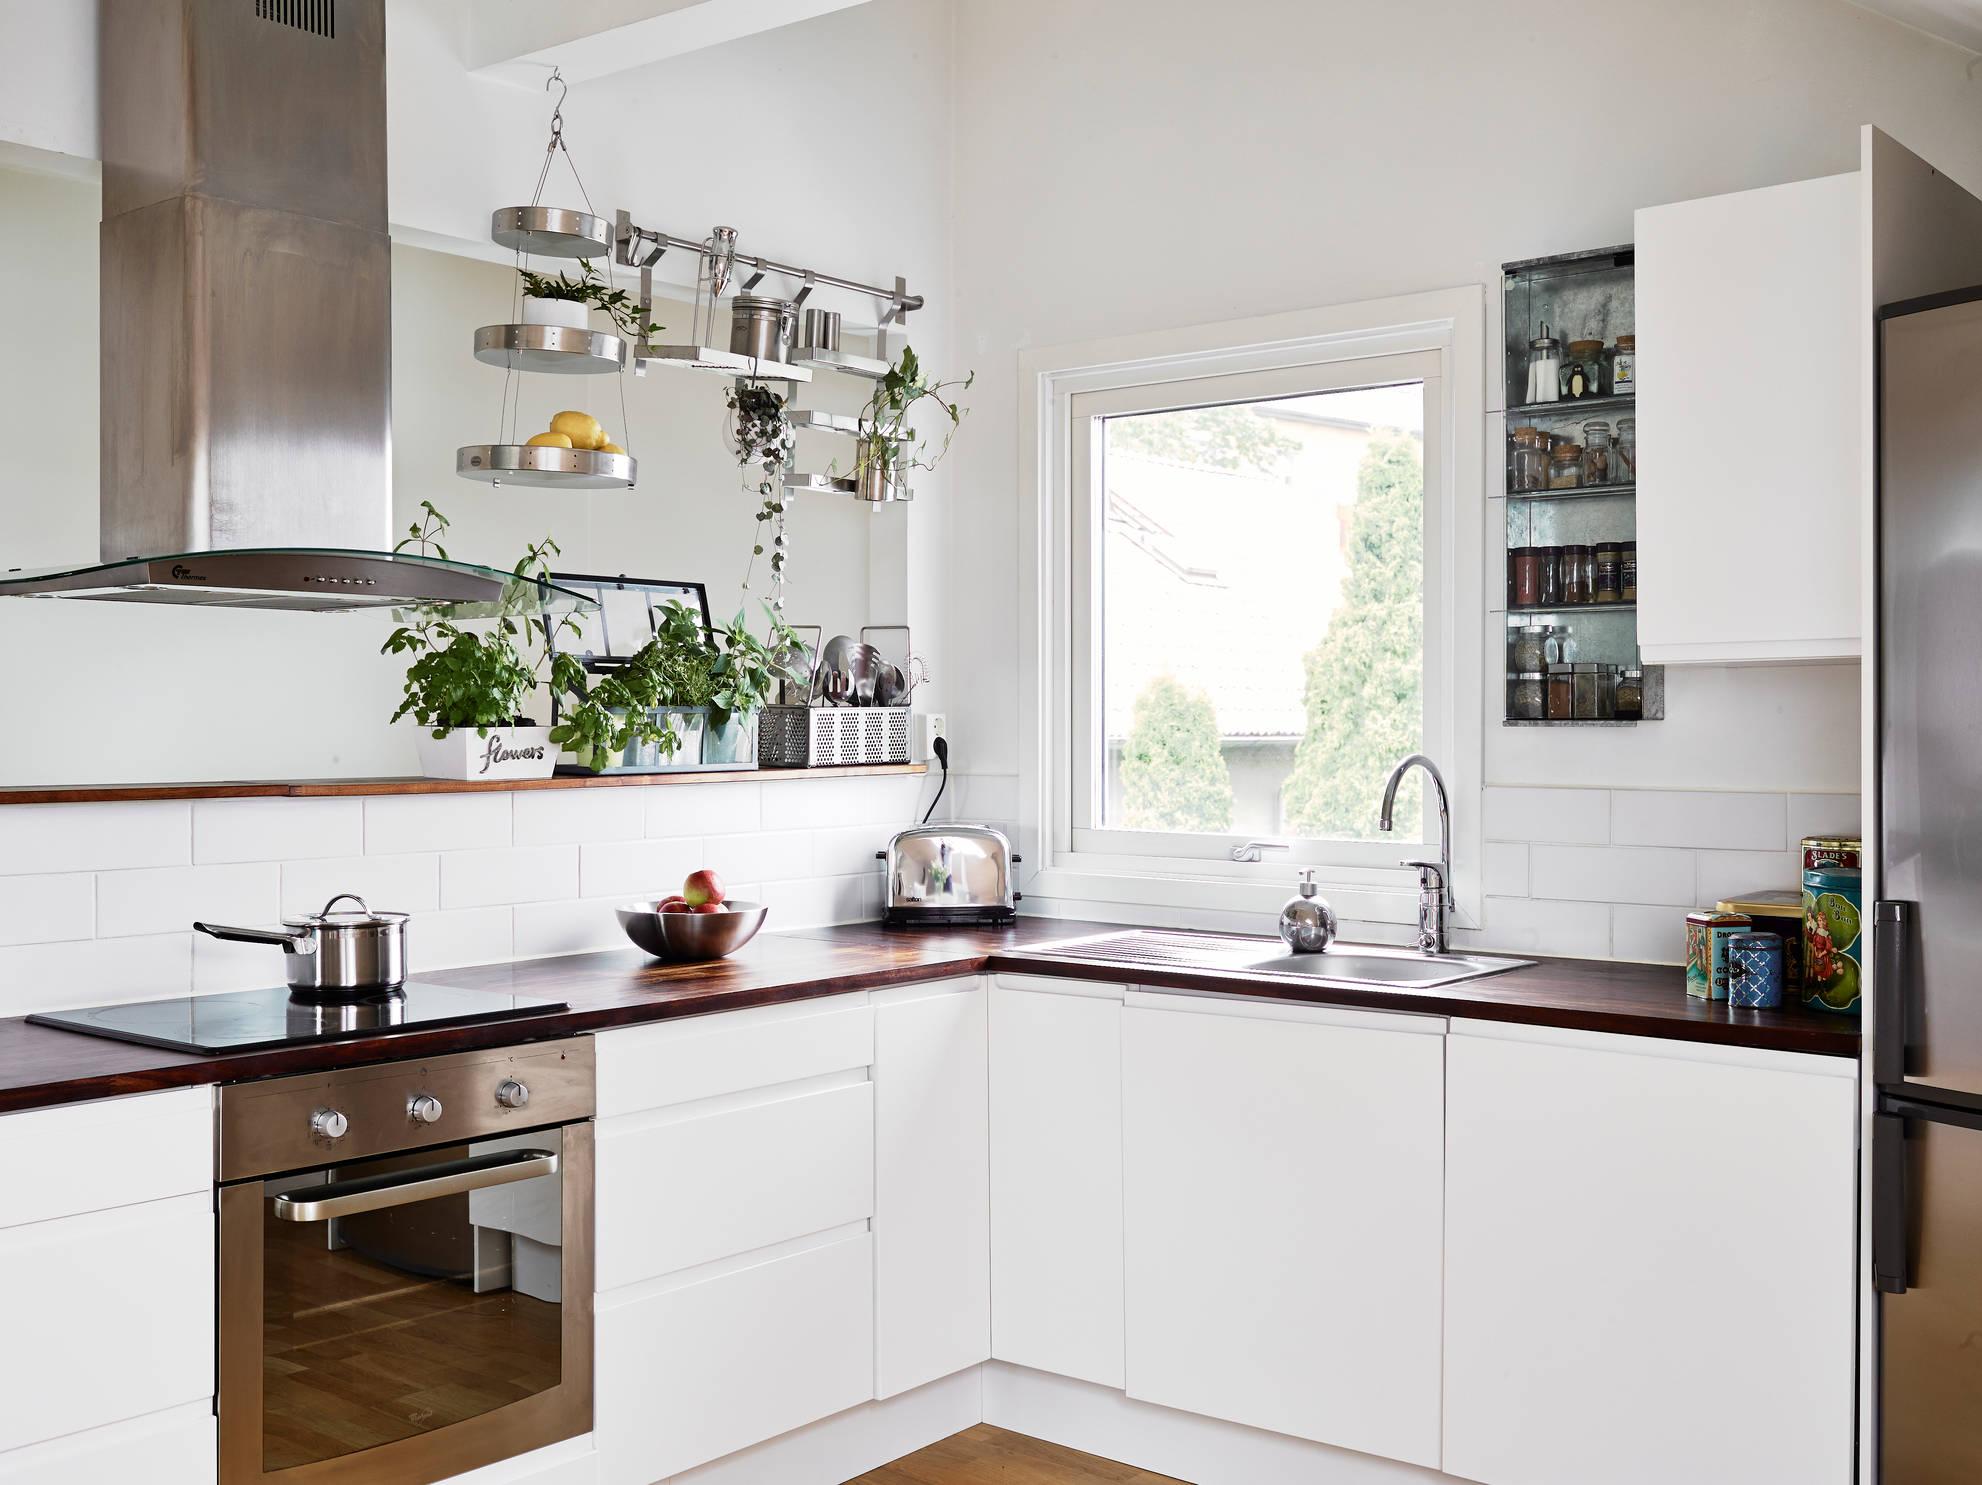 Cr ticas a las cocinas di fanas blog tienda decoraci n - Cocinas amuebladas decoracion ...